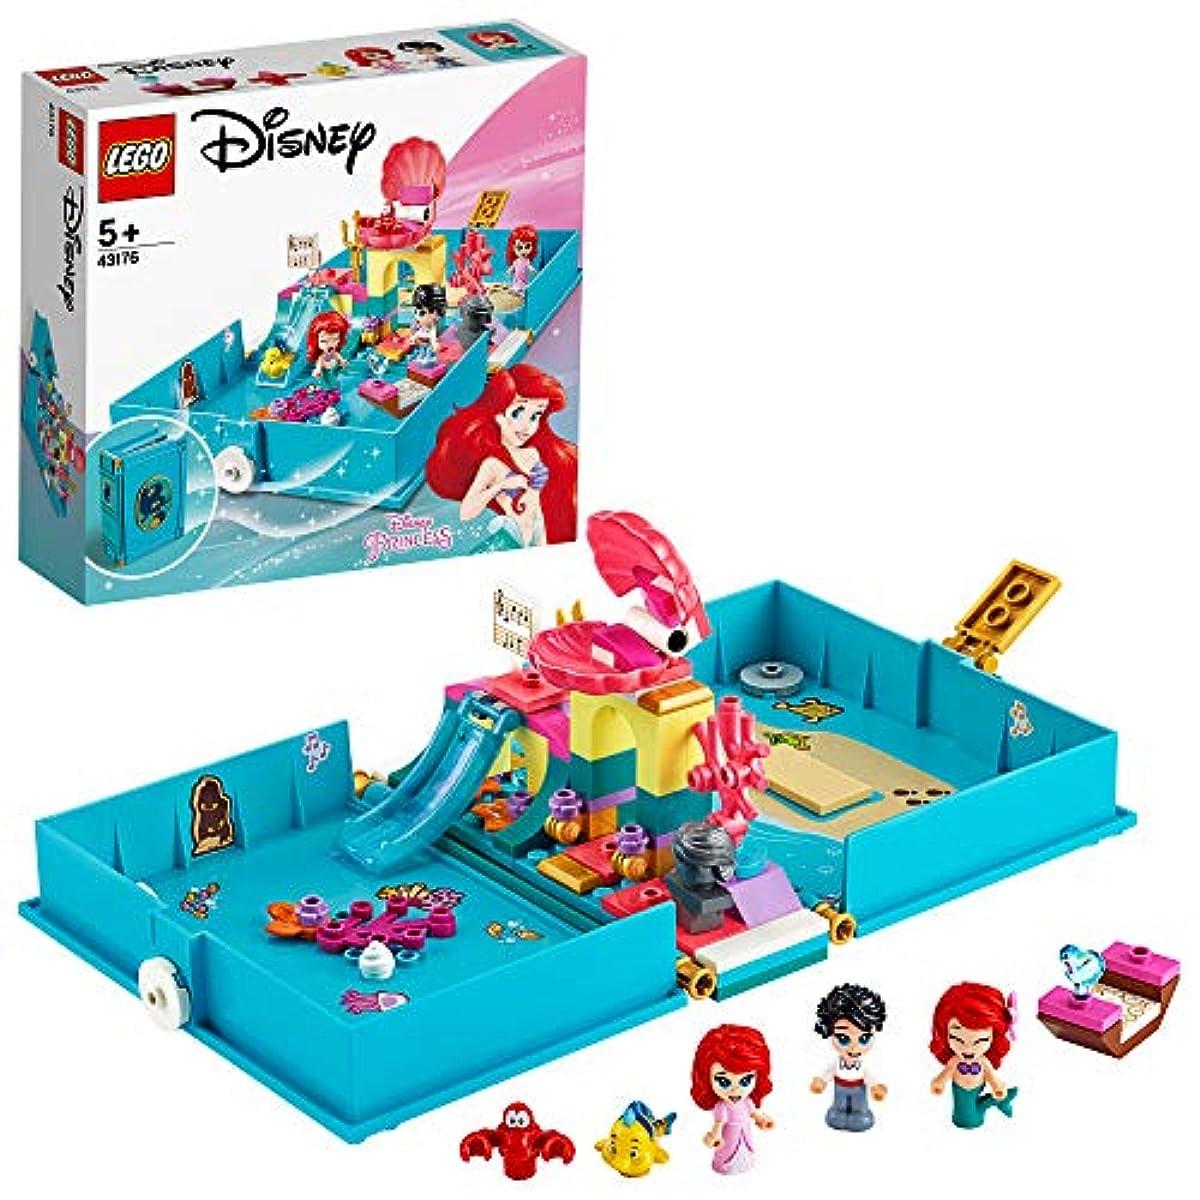 [해외] 레고 디즈니 에리얼의 스토리북  43176